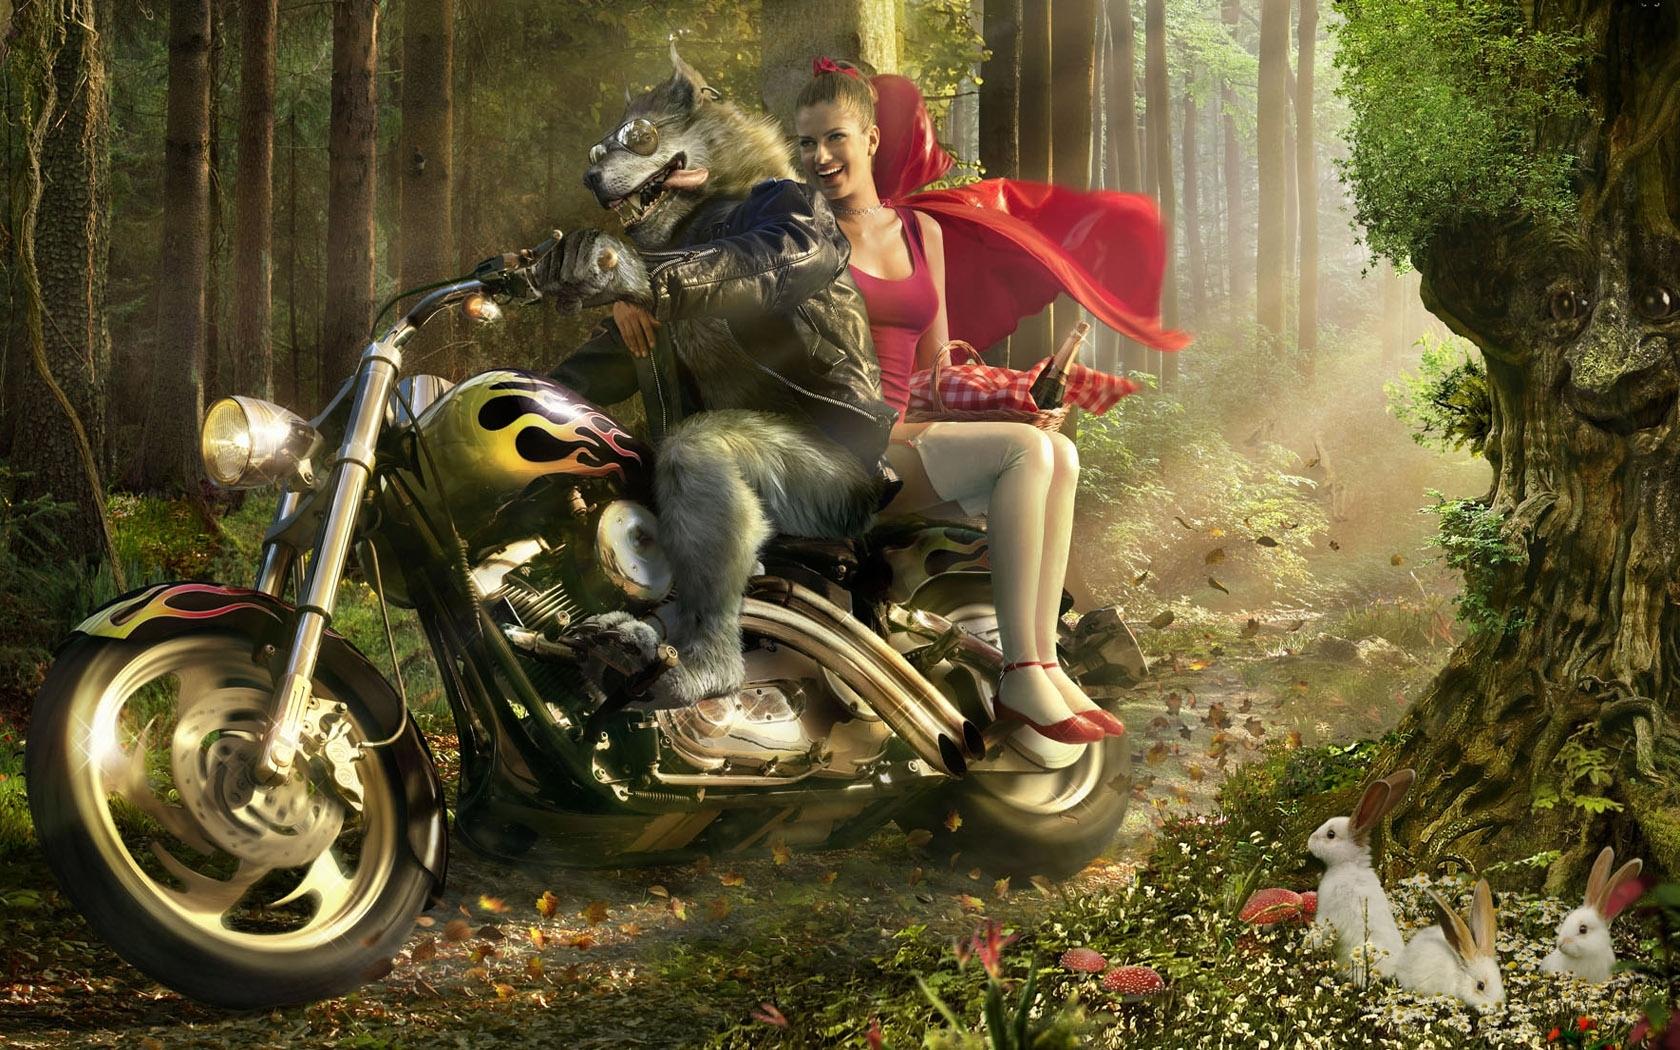 712 Bildschirmschoner und Hintergrundbilder Humor auf Ihrem Telefon. Laden Sie Humor, Mädchen, Märchen, Little Red Riding Hood Bilder kostenlos herunter